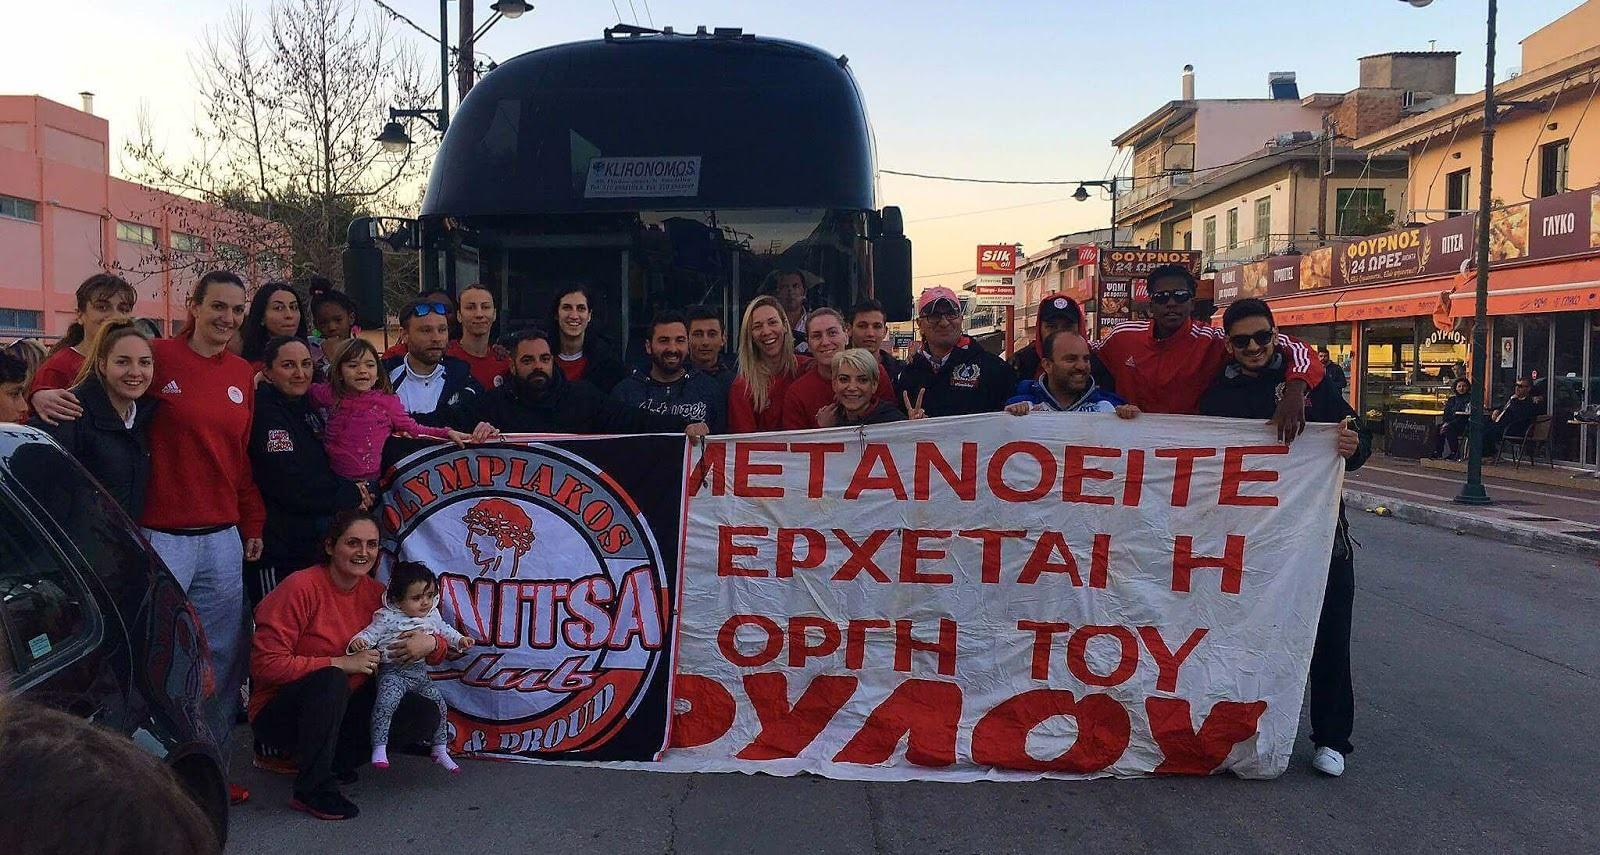 Απάντηση Μαλανδράκη στο Ντουντουλάκη   Kriti24.gr